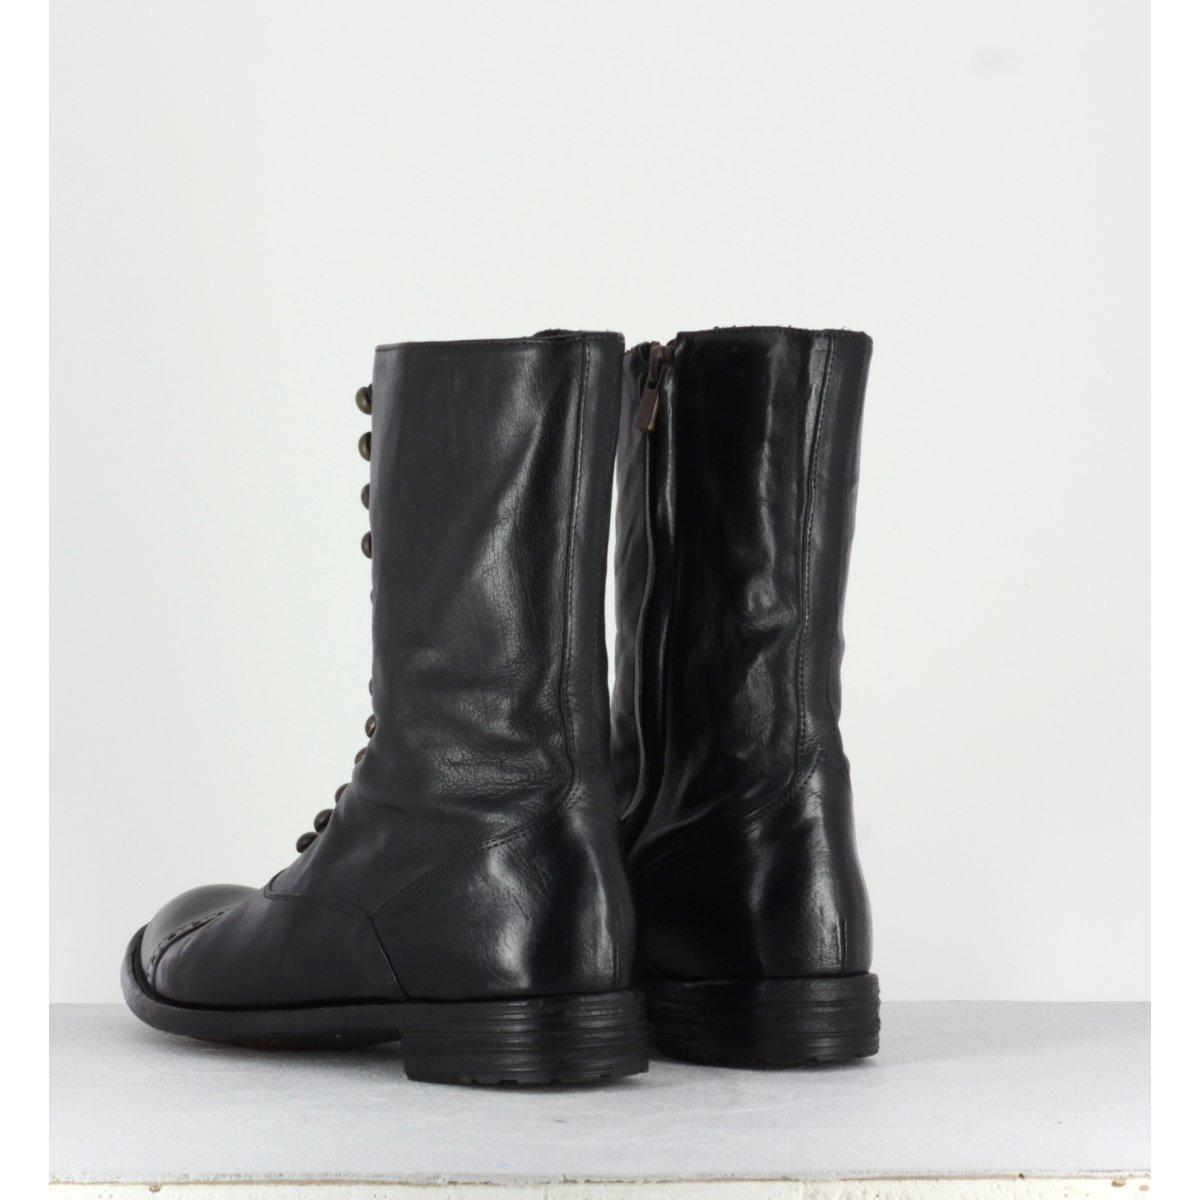 Bottines plates en cuir noir et boutons Officine Creative  pour femmes - LEXIKON/101N